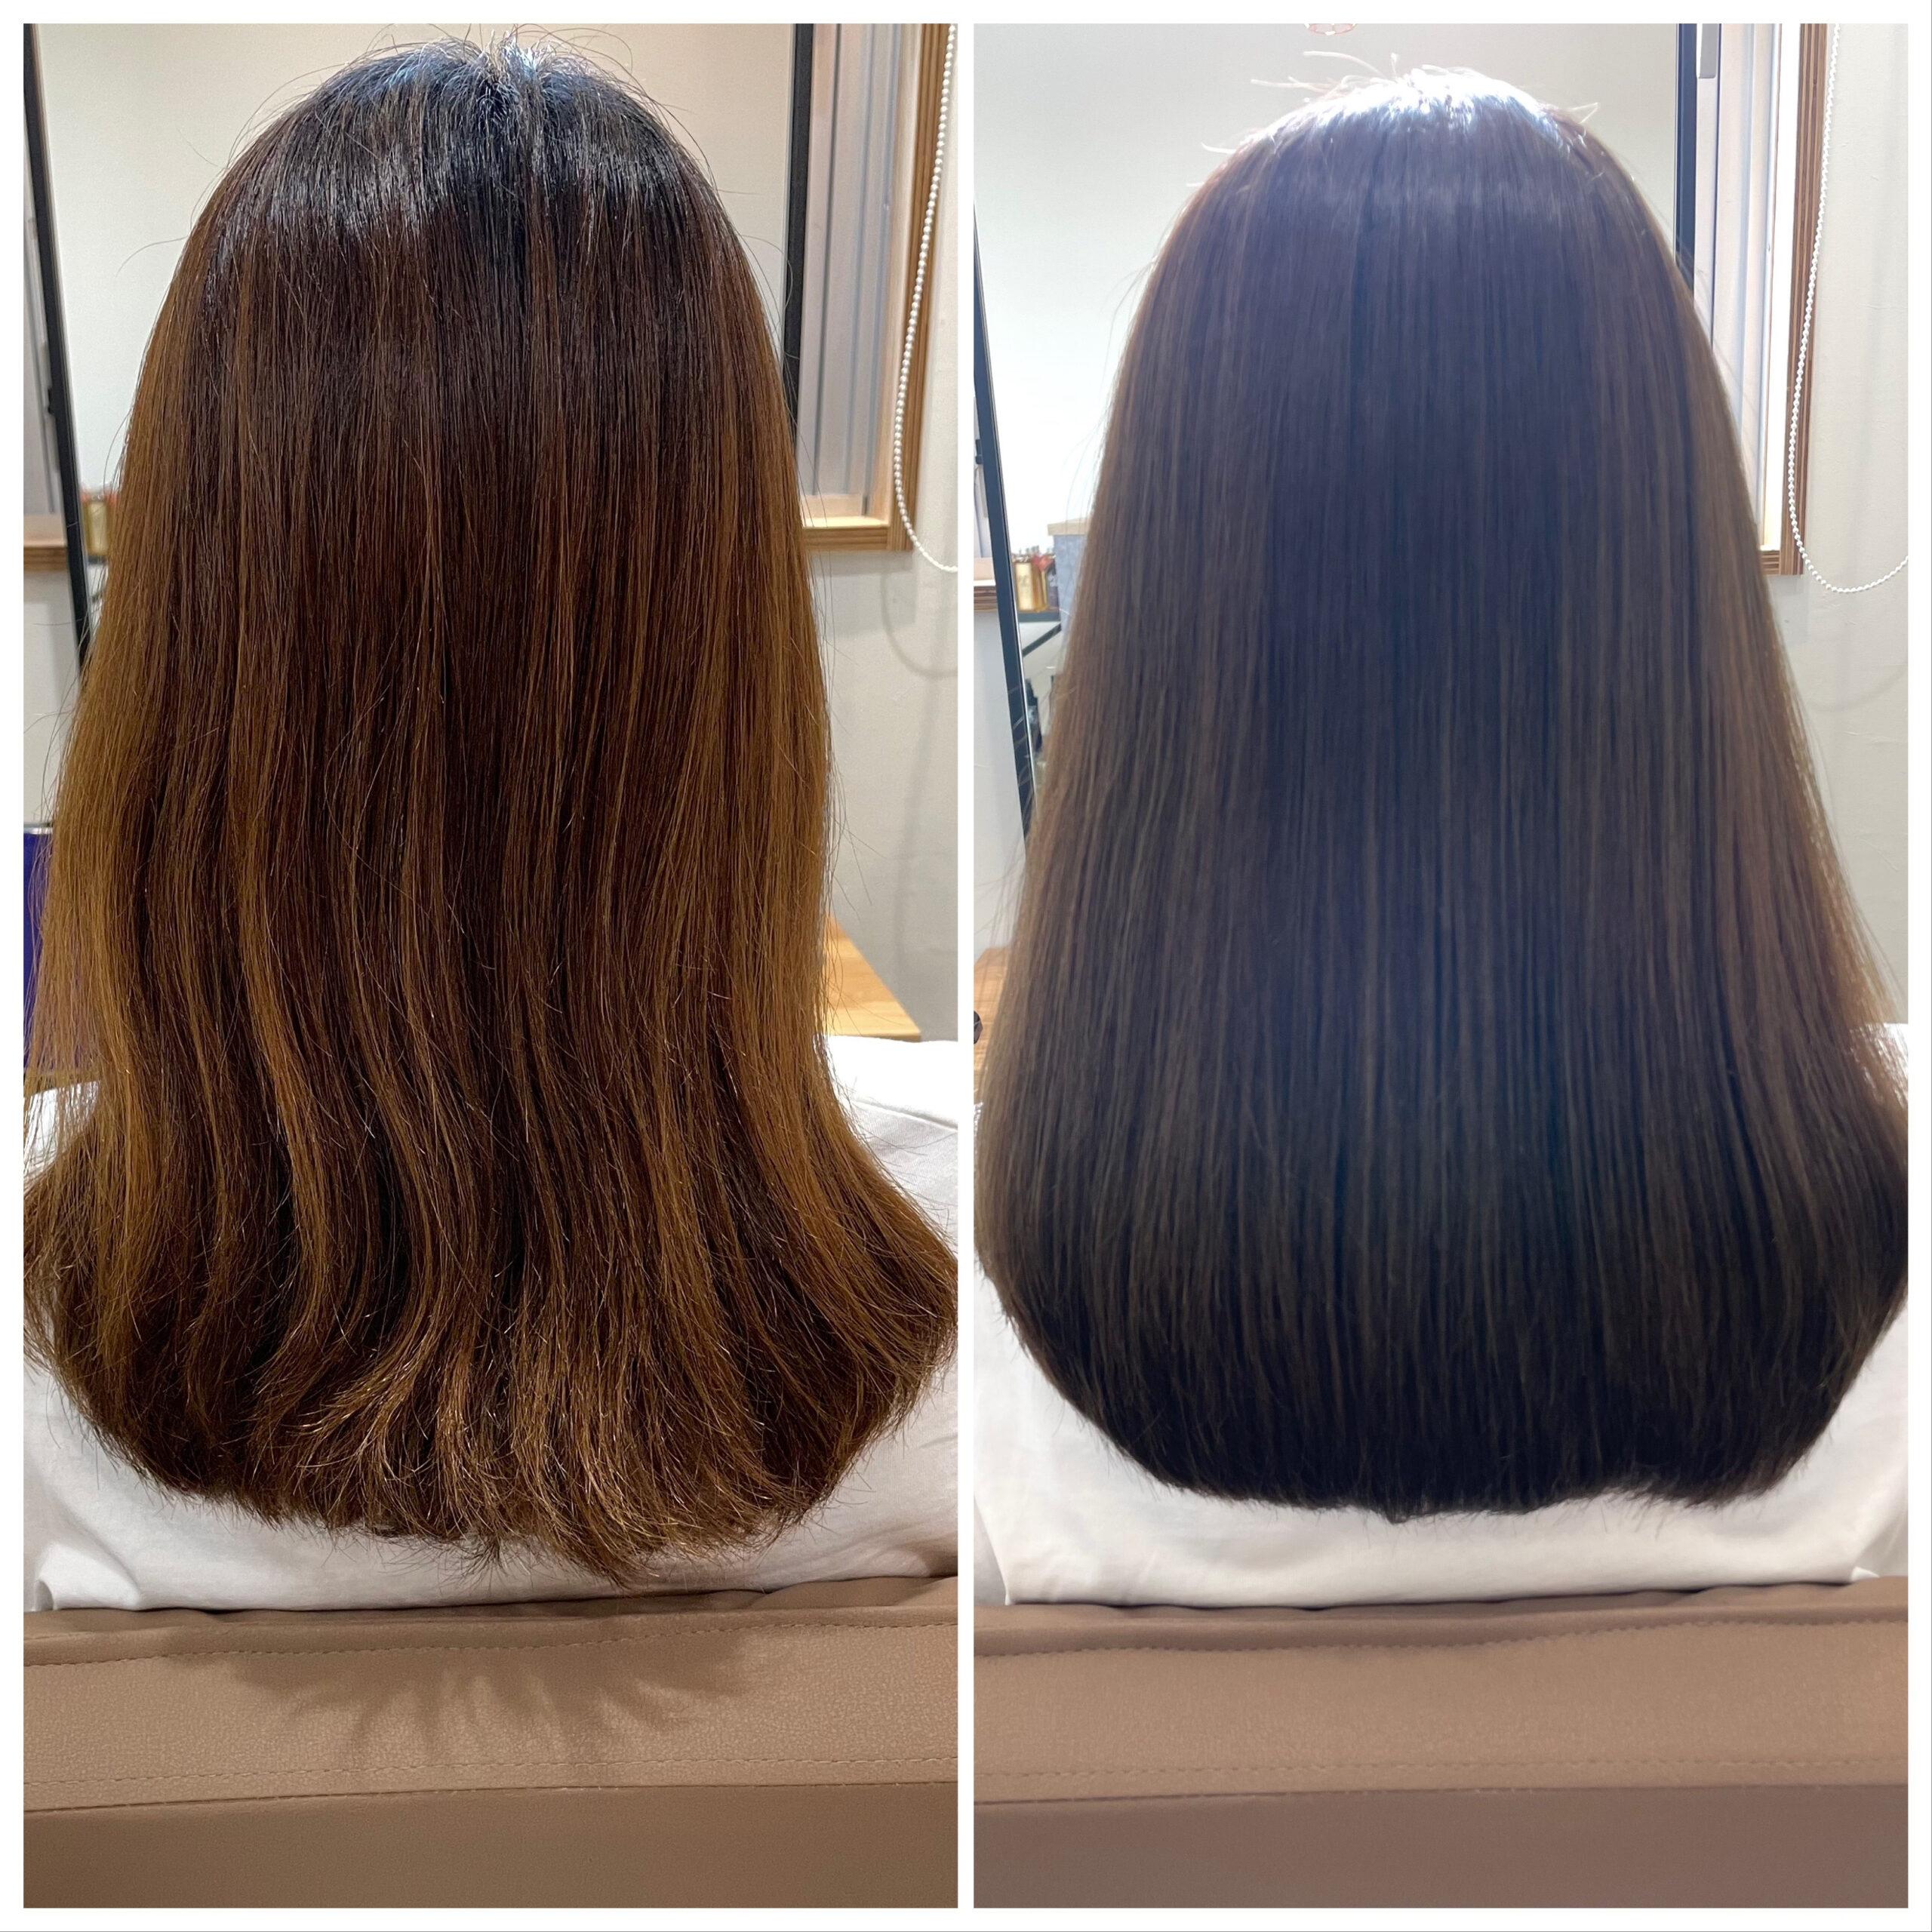 大分県別府市 髪質改善トリートメントでハイトーンでもツヤツヤな髪 ビフォーアフター